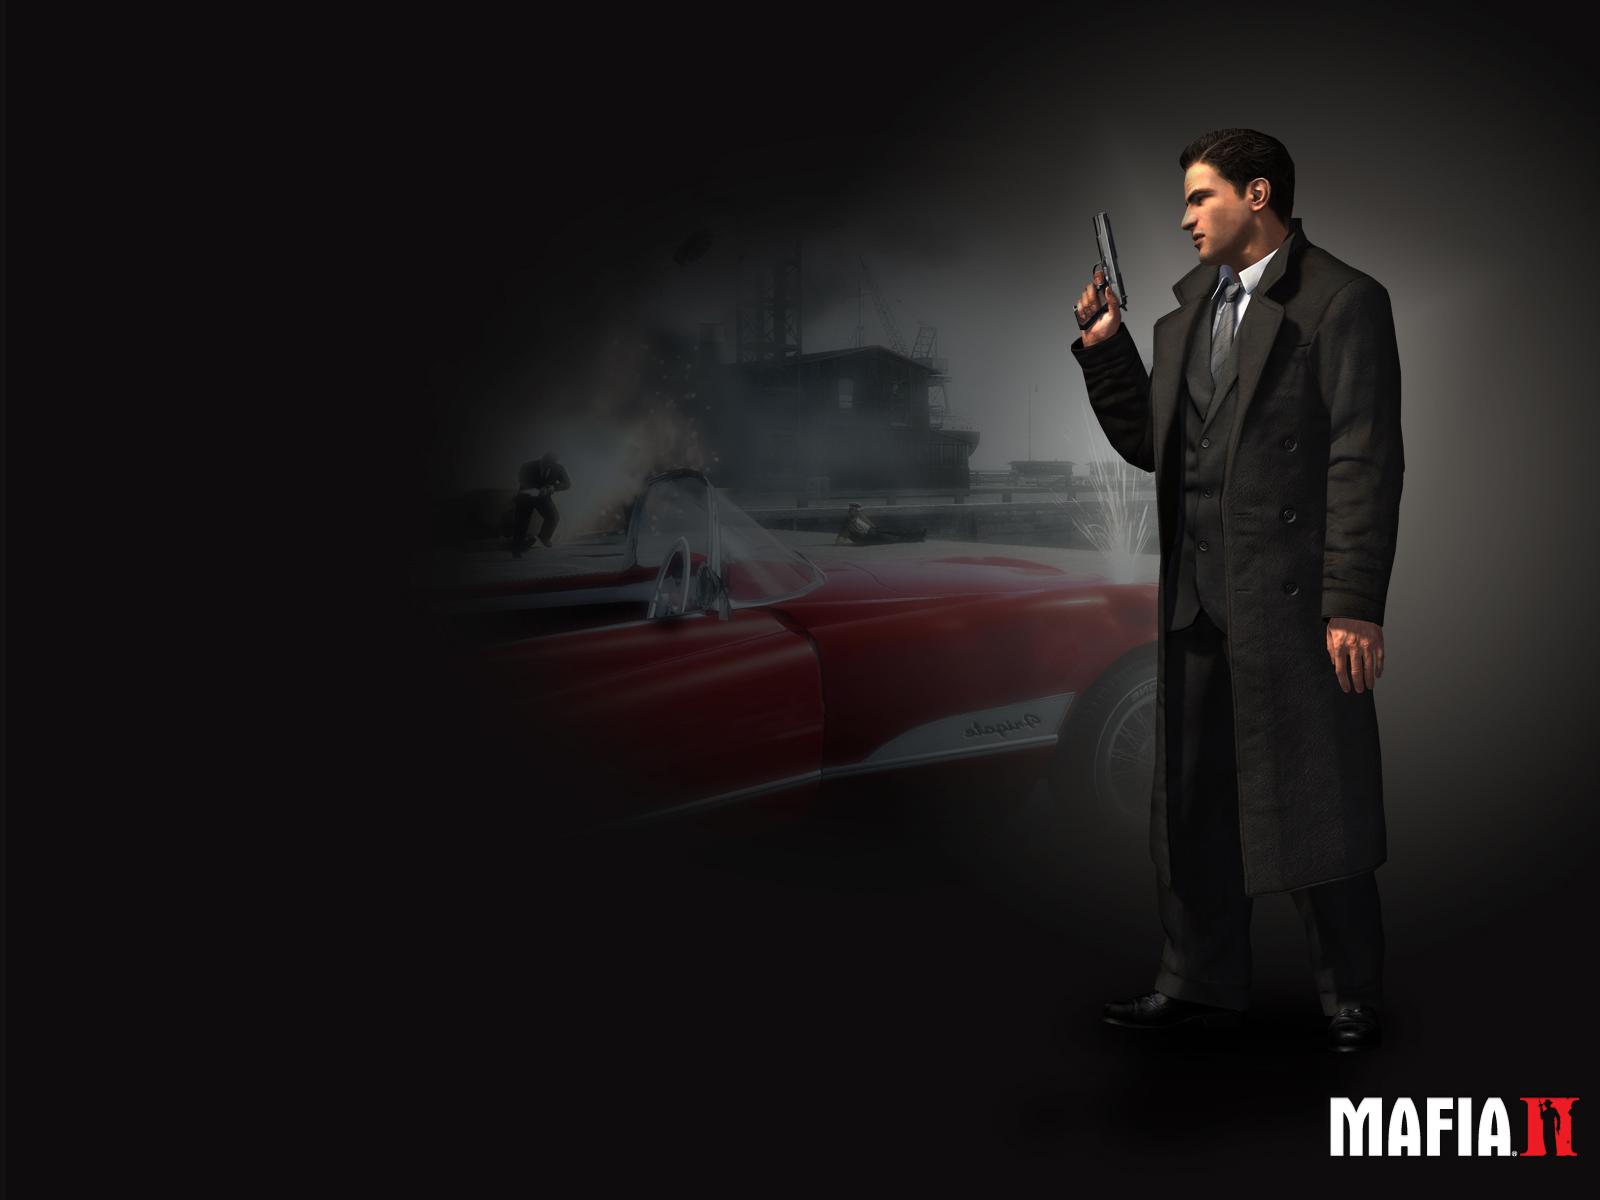 Mafia 2 Wallpapers Wallpapersafari